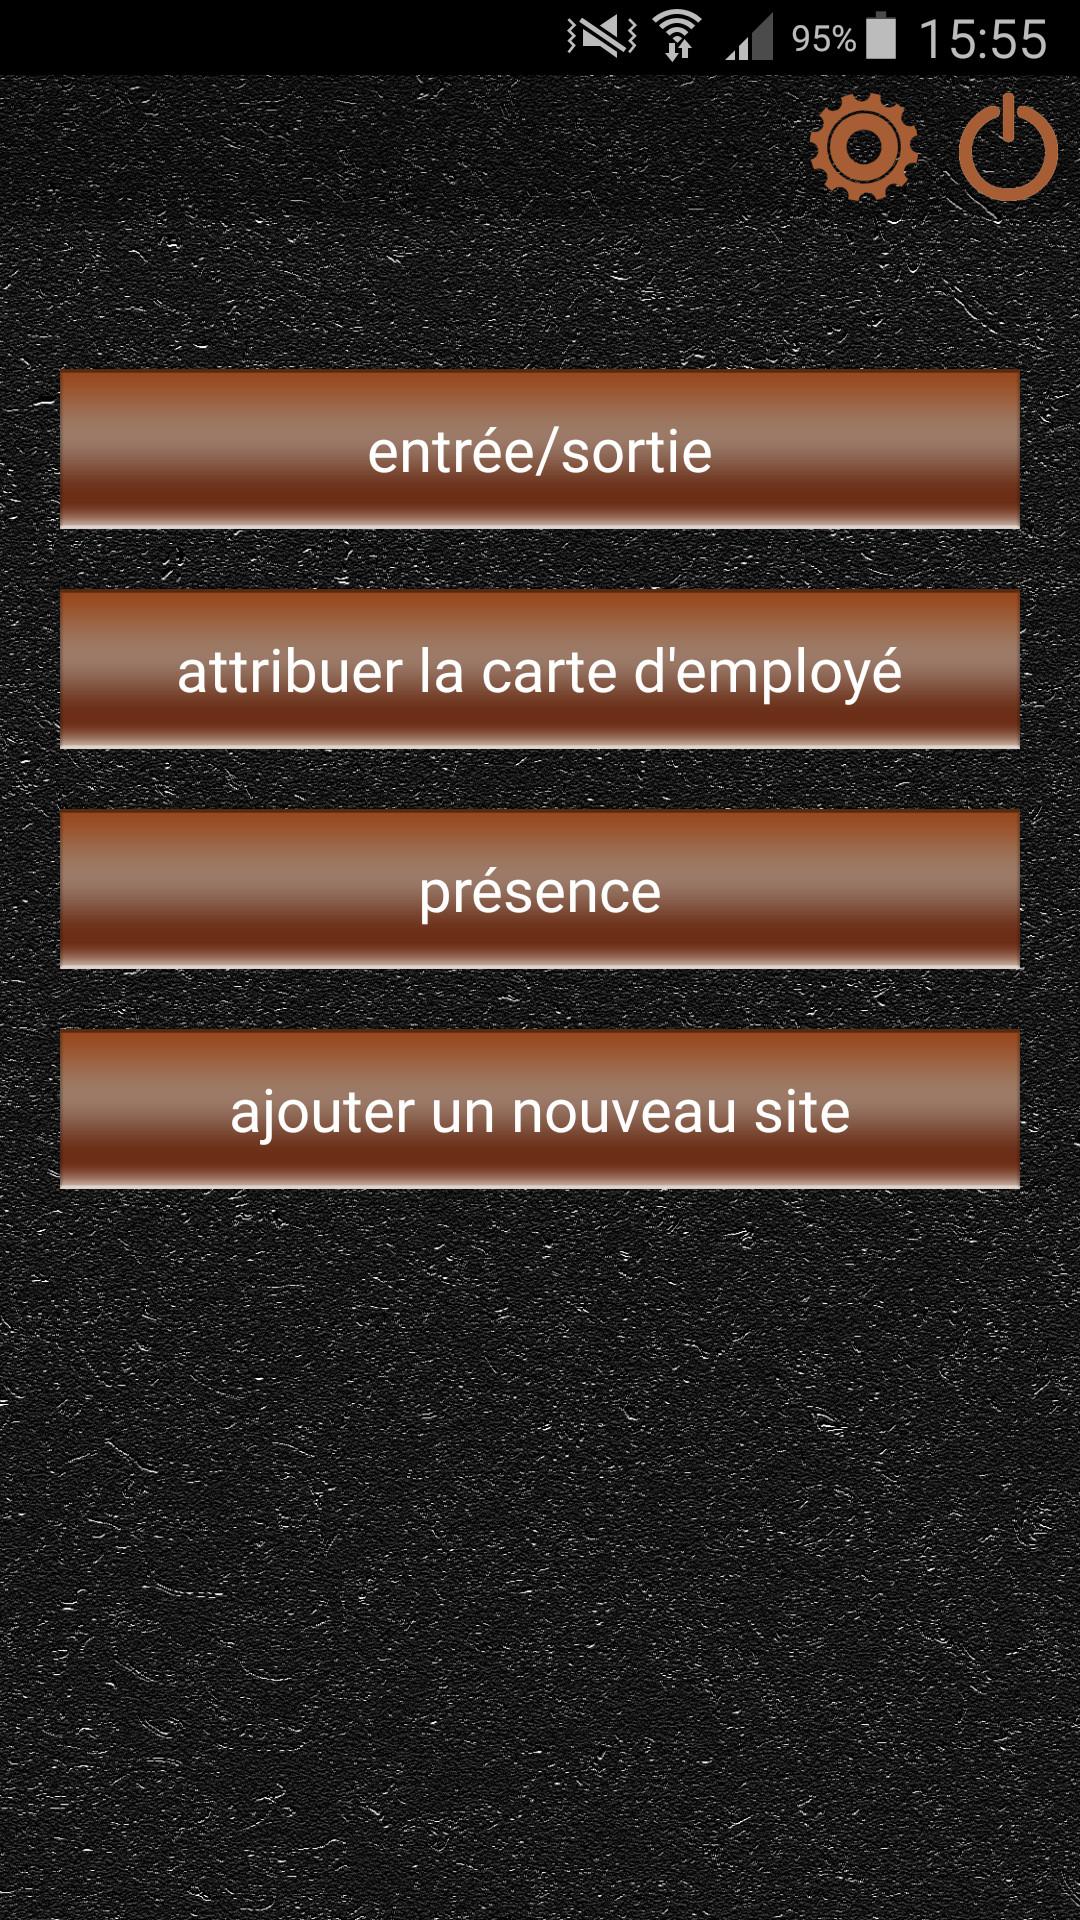 ginstr_app_miningSiteAttendance_FR_2